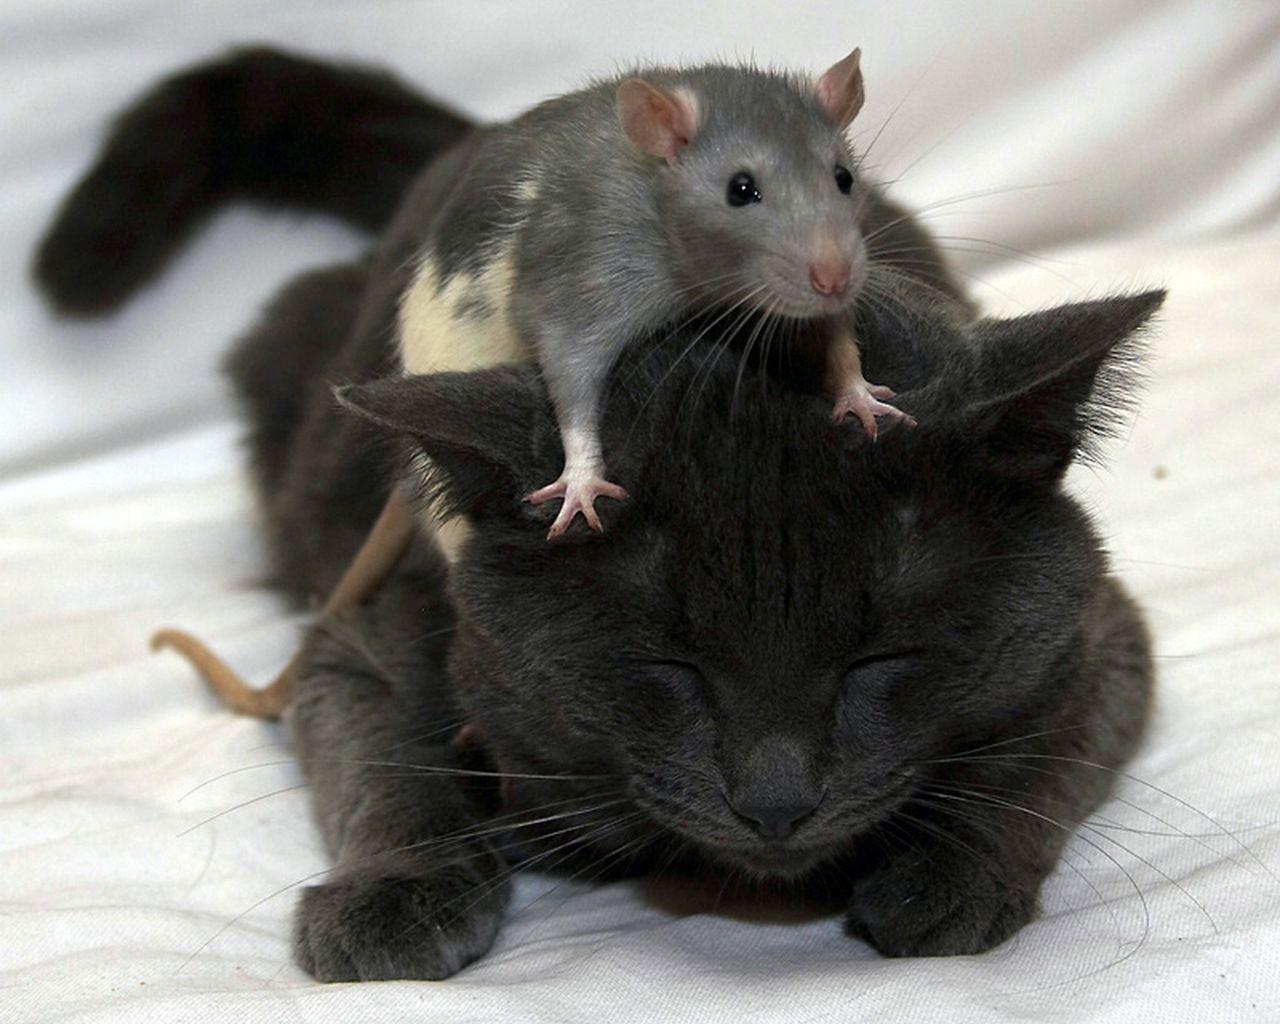 лови мышей а не нас правила